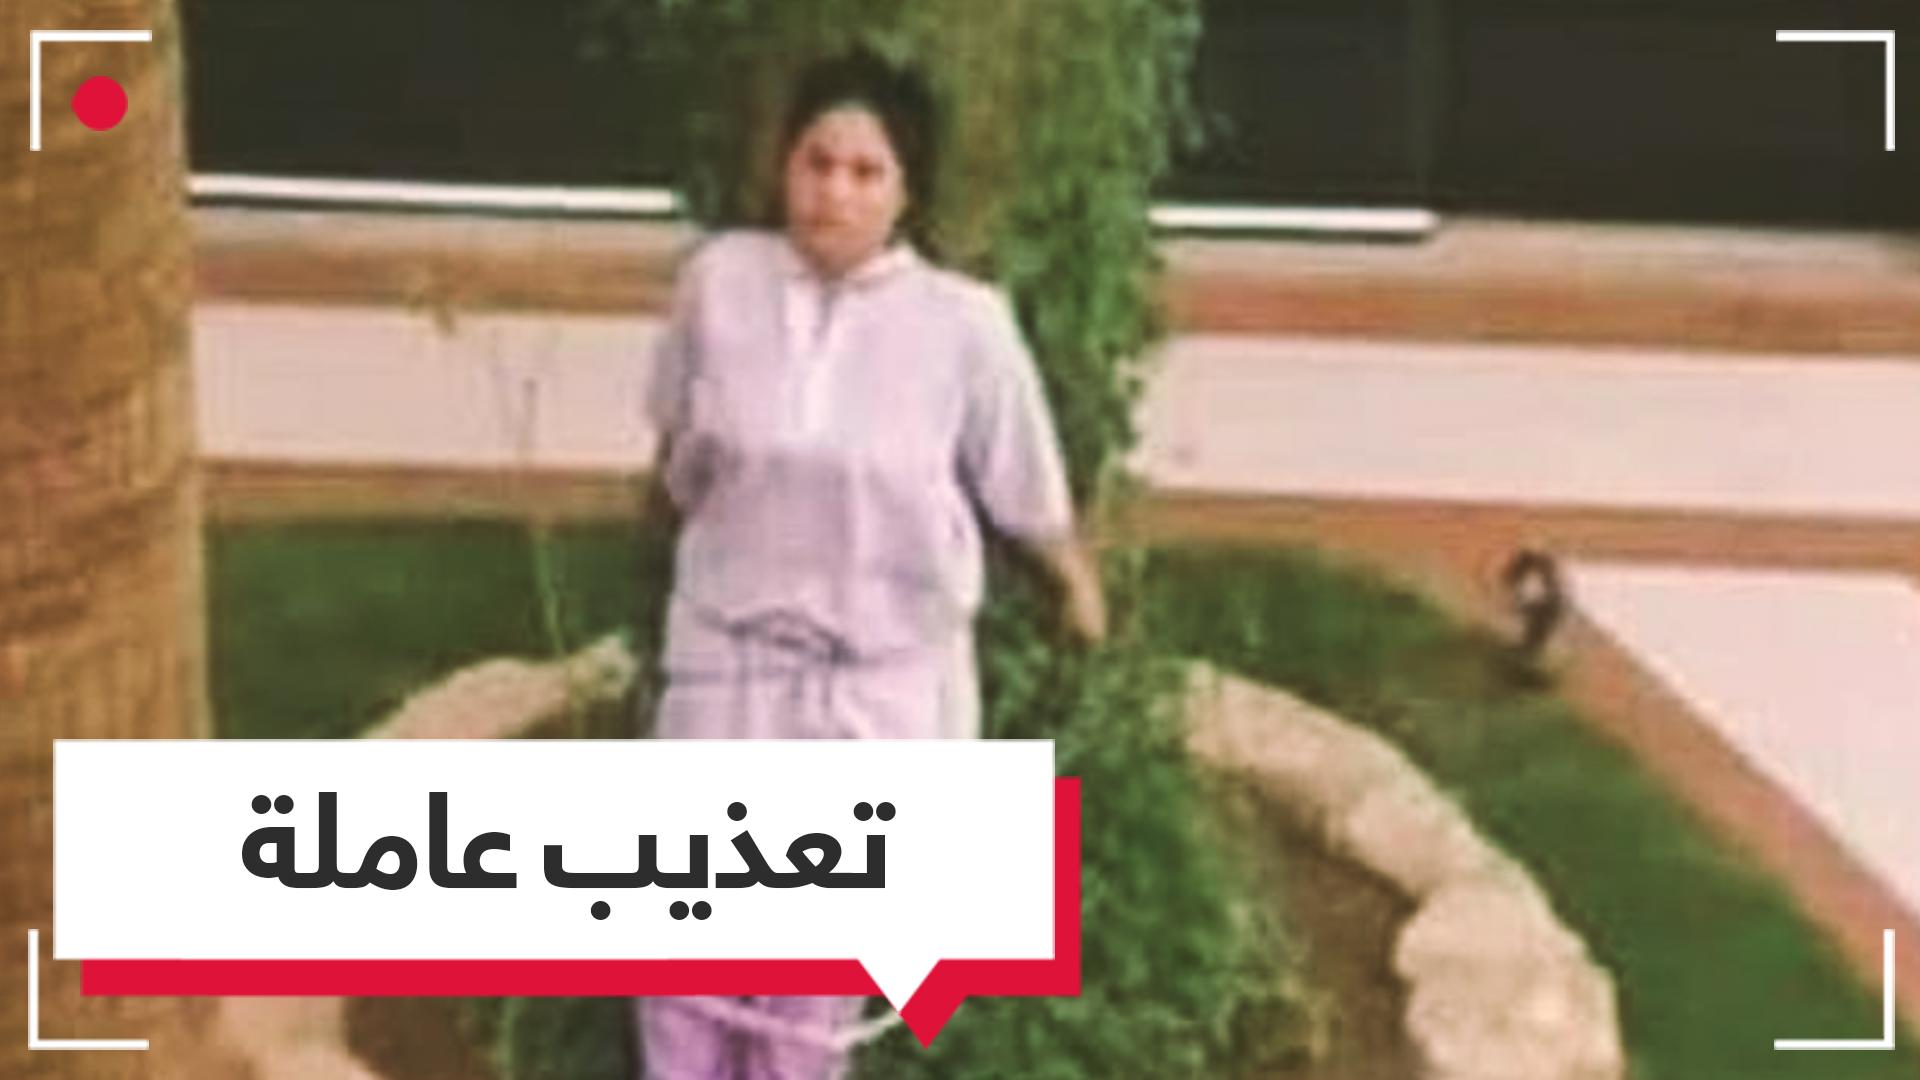 معاناة الخادمات الفليبينيات في الخليج.. واحدة قتلت وإدخل الثلاجة لسنوات وثانية قيدت بشجرة